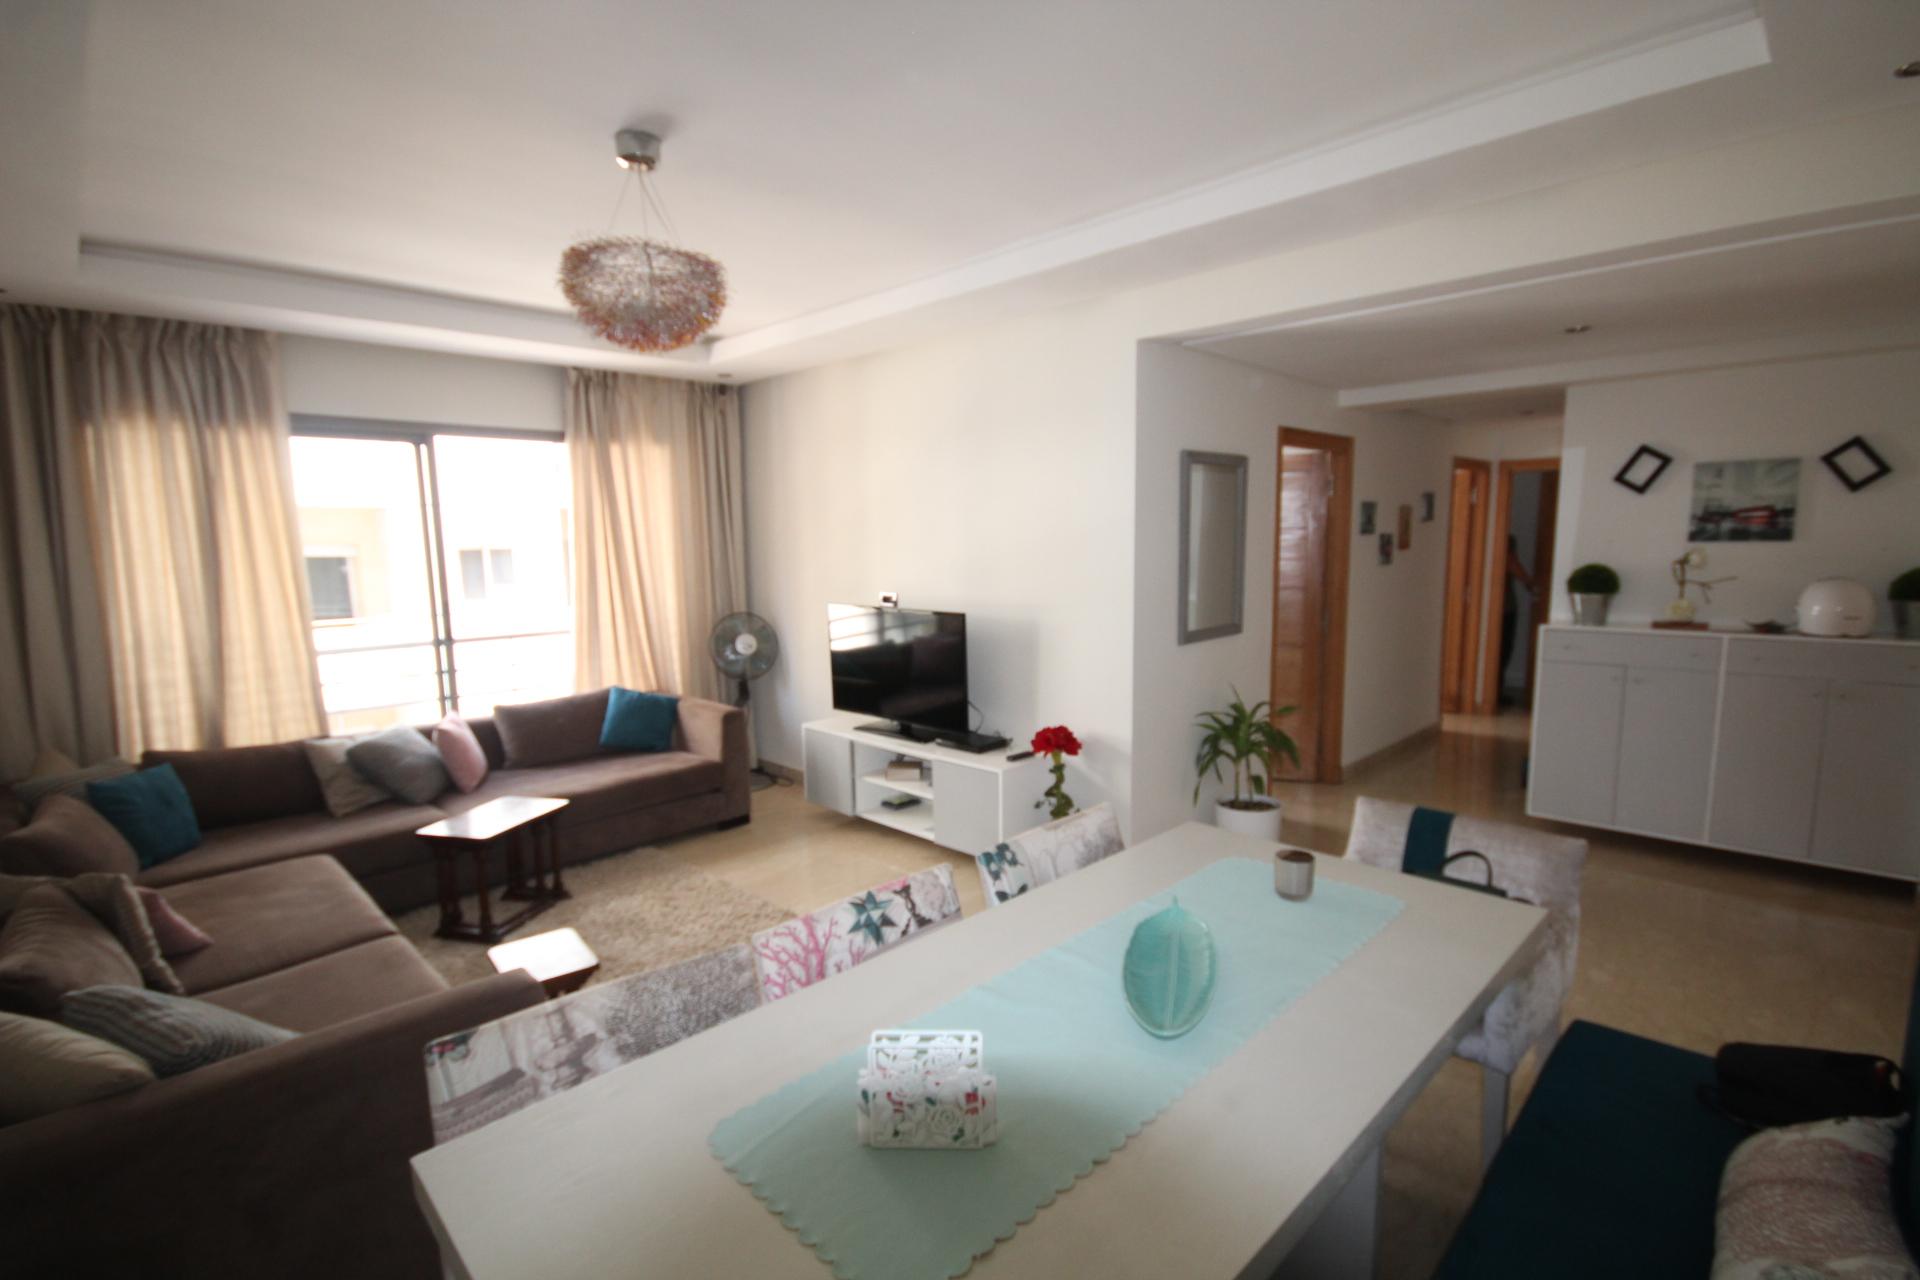 Maroc, Casablanca, Maarif Extension,                                   à louer appartement moderne meublé de 92m²        ( 2 CHAMBRES)